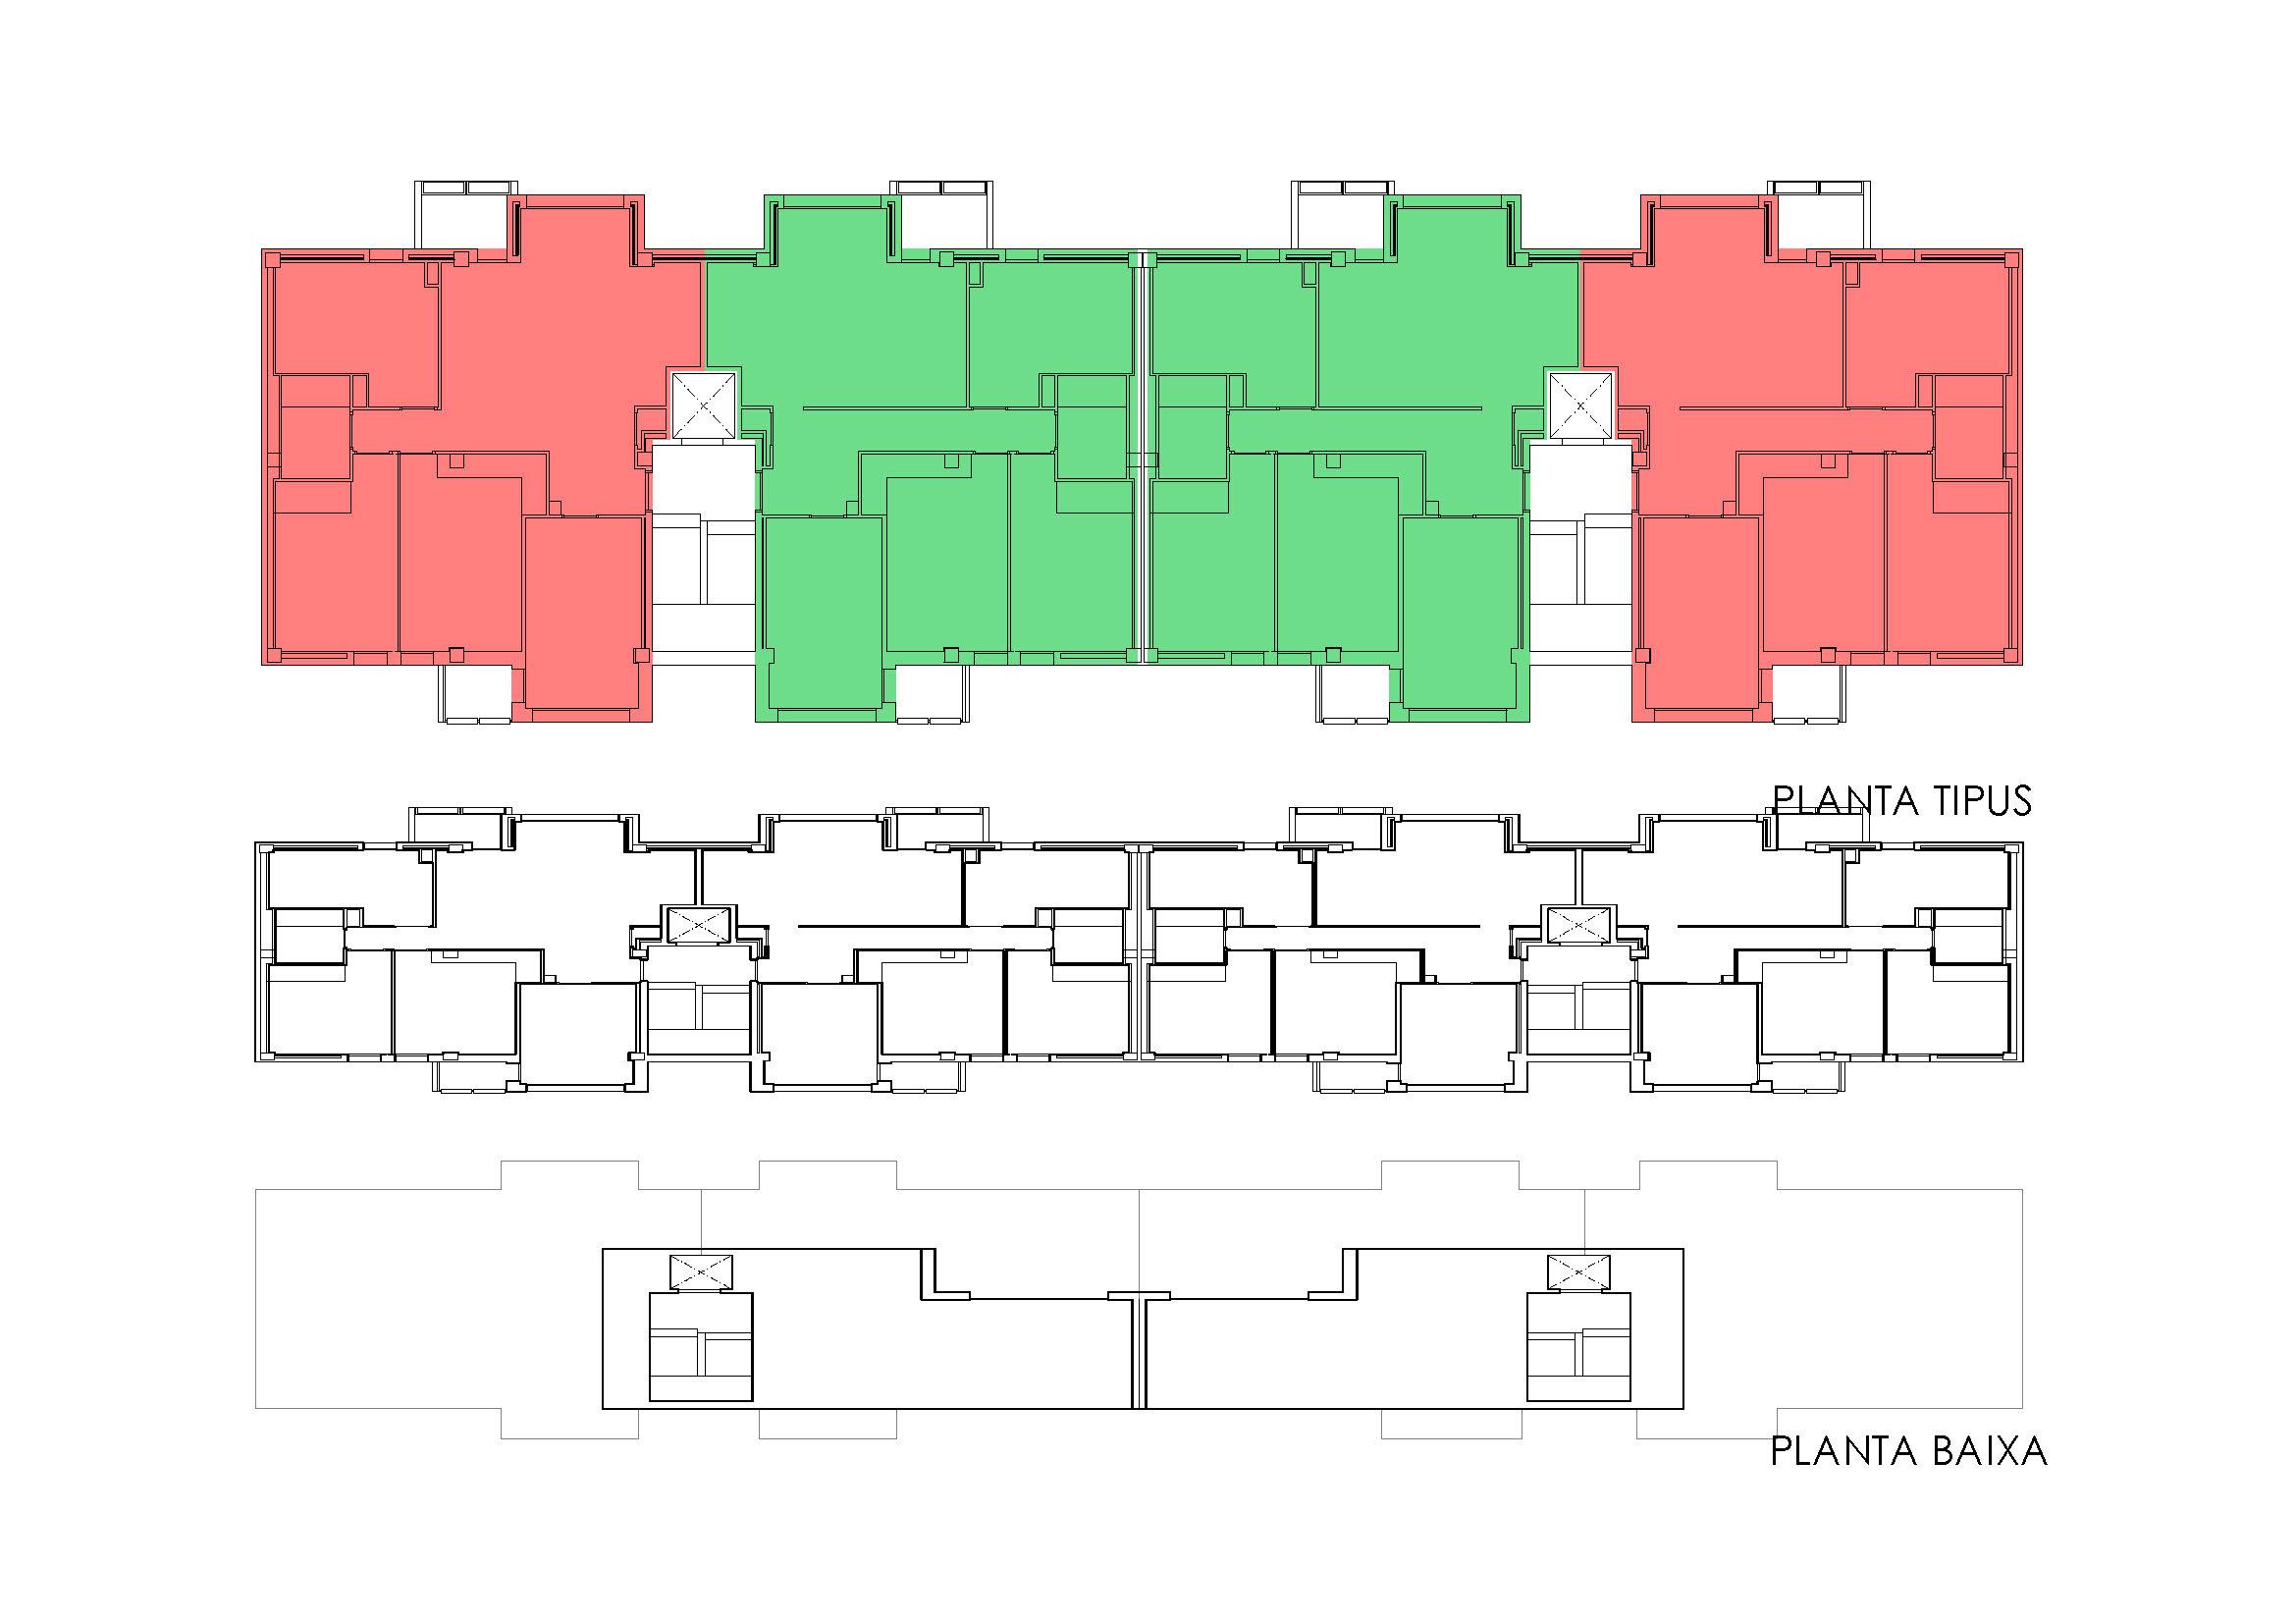 Páginas_desde2014-02-20_presentacio_PIUS_XII_[Modo_de_compatibilidad]_Página_01.jpg